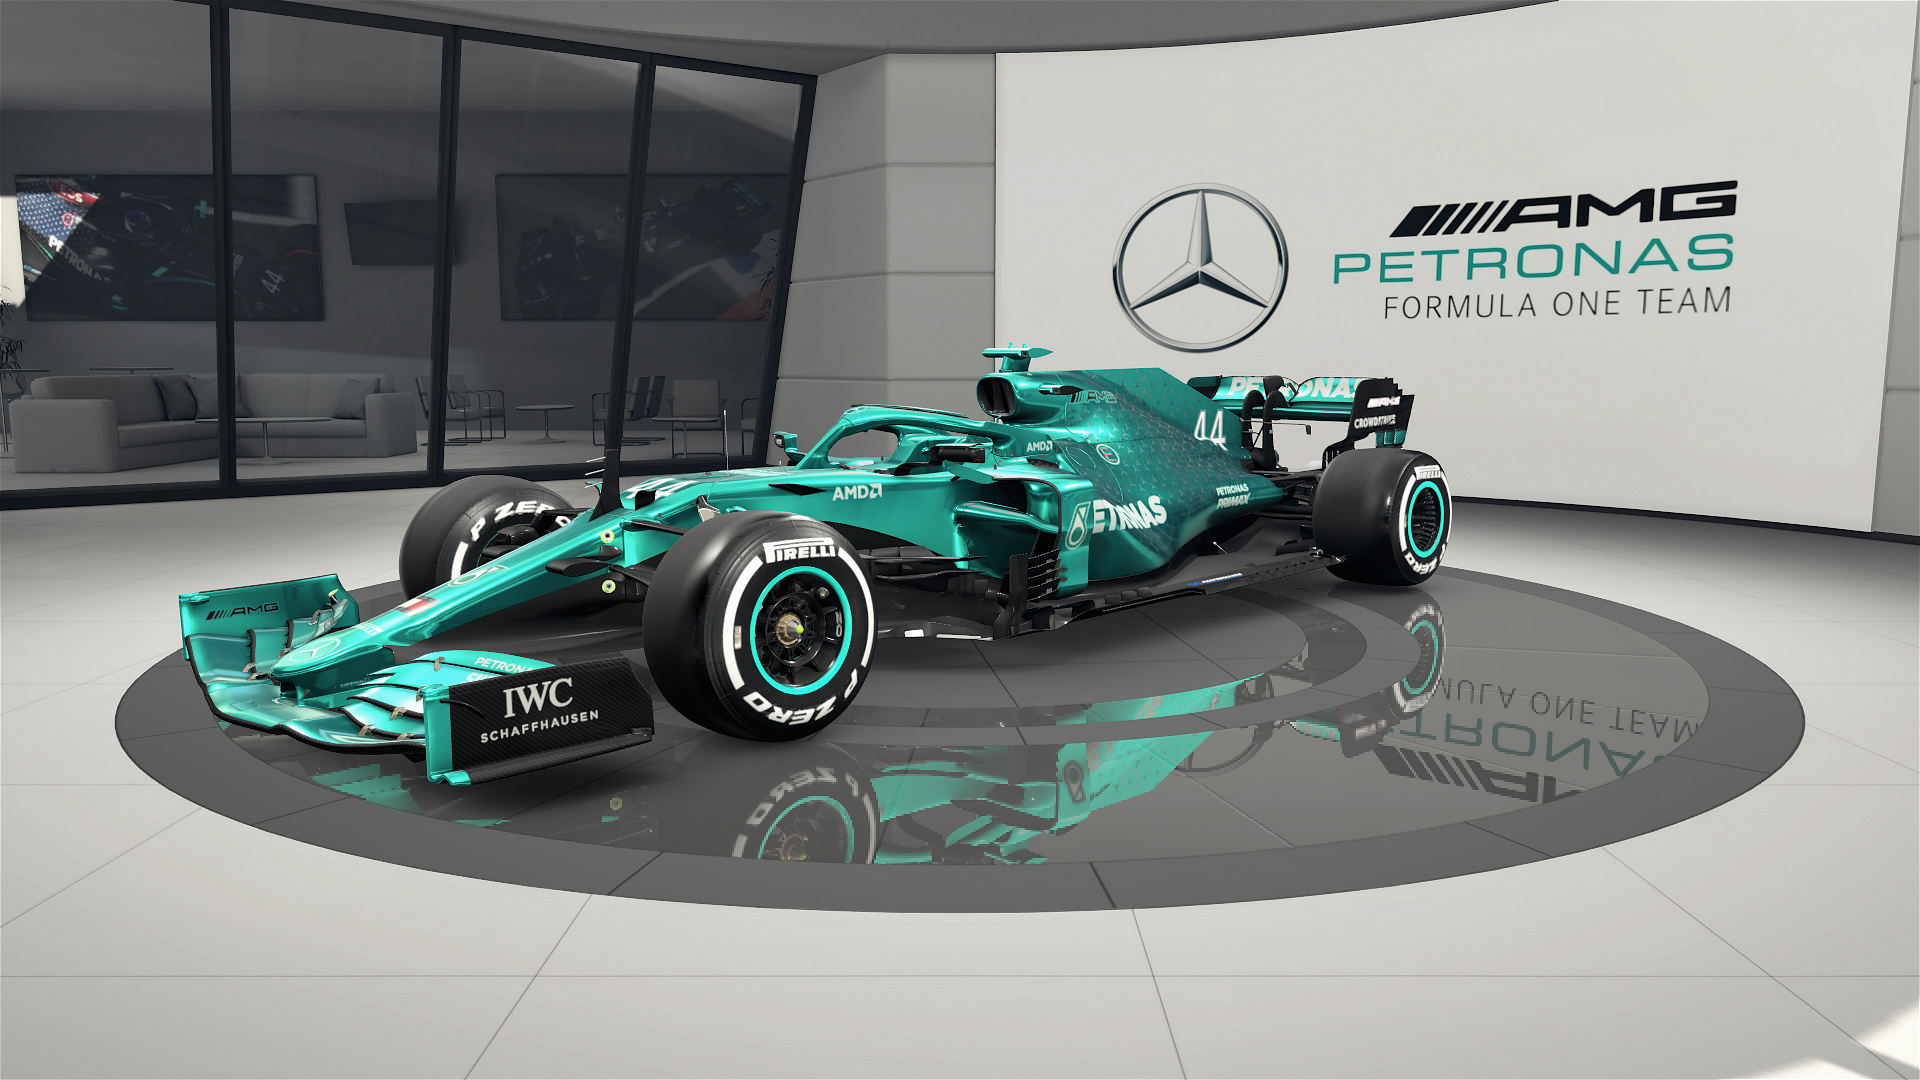 F1 2020 - DX12 Screenshot 2020.12.15 - 19.09.48.04.jpg